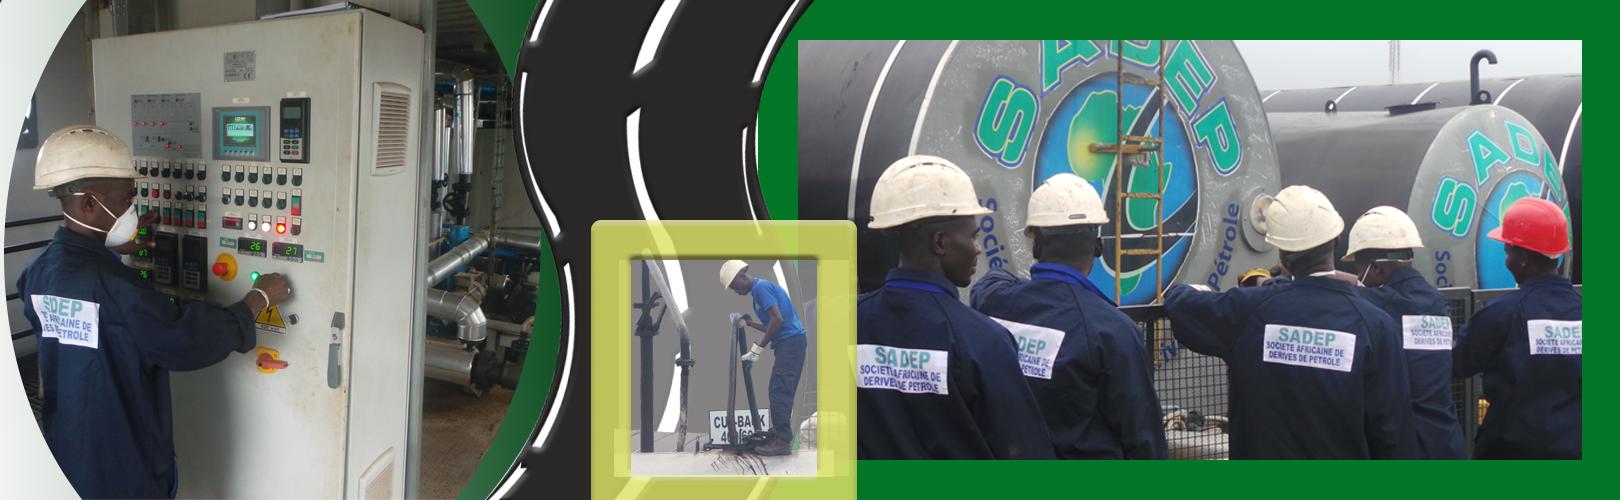 Slide SADEP équipe techniciens.jpg